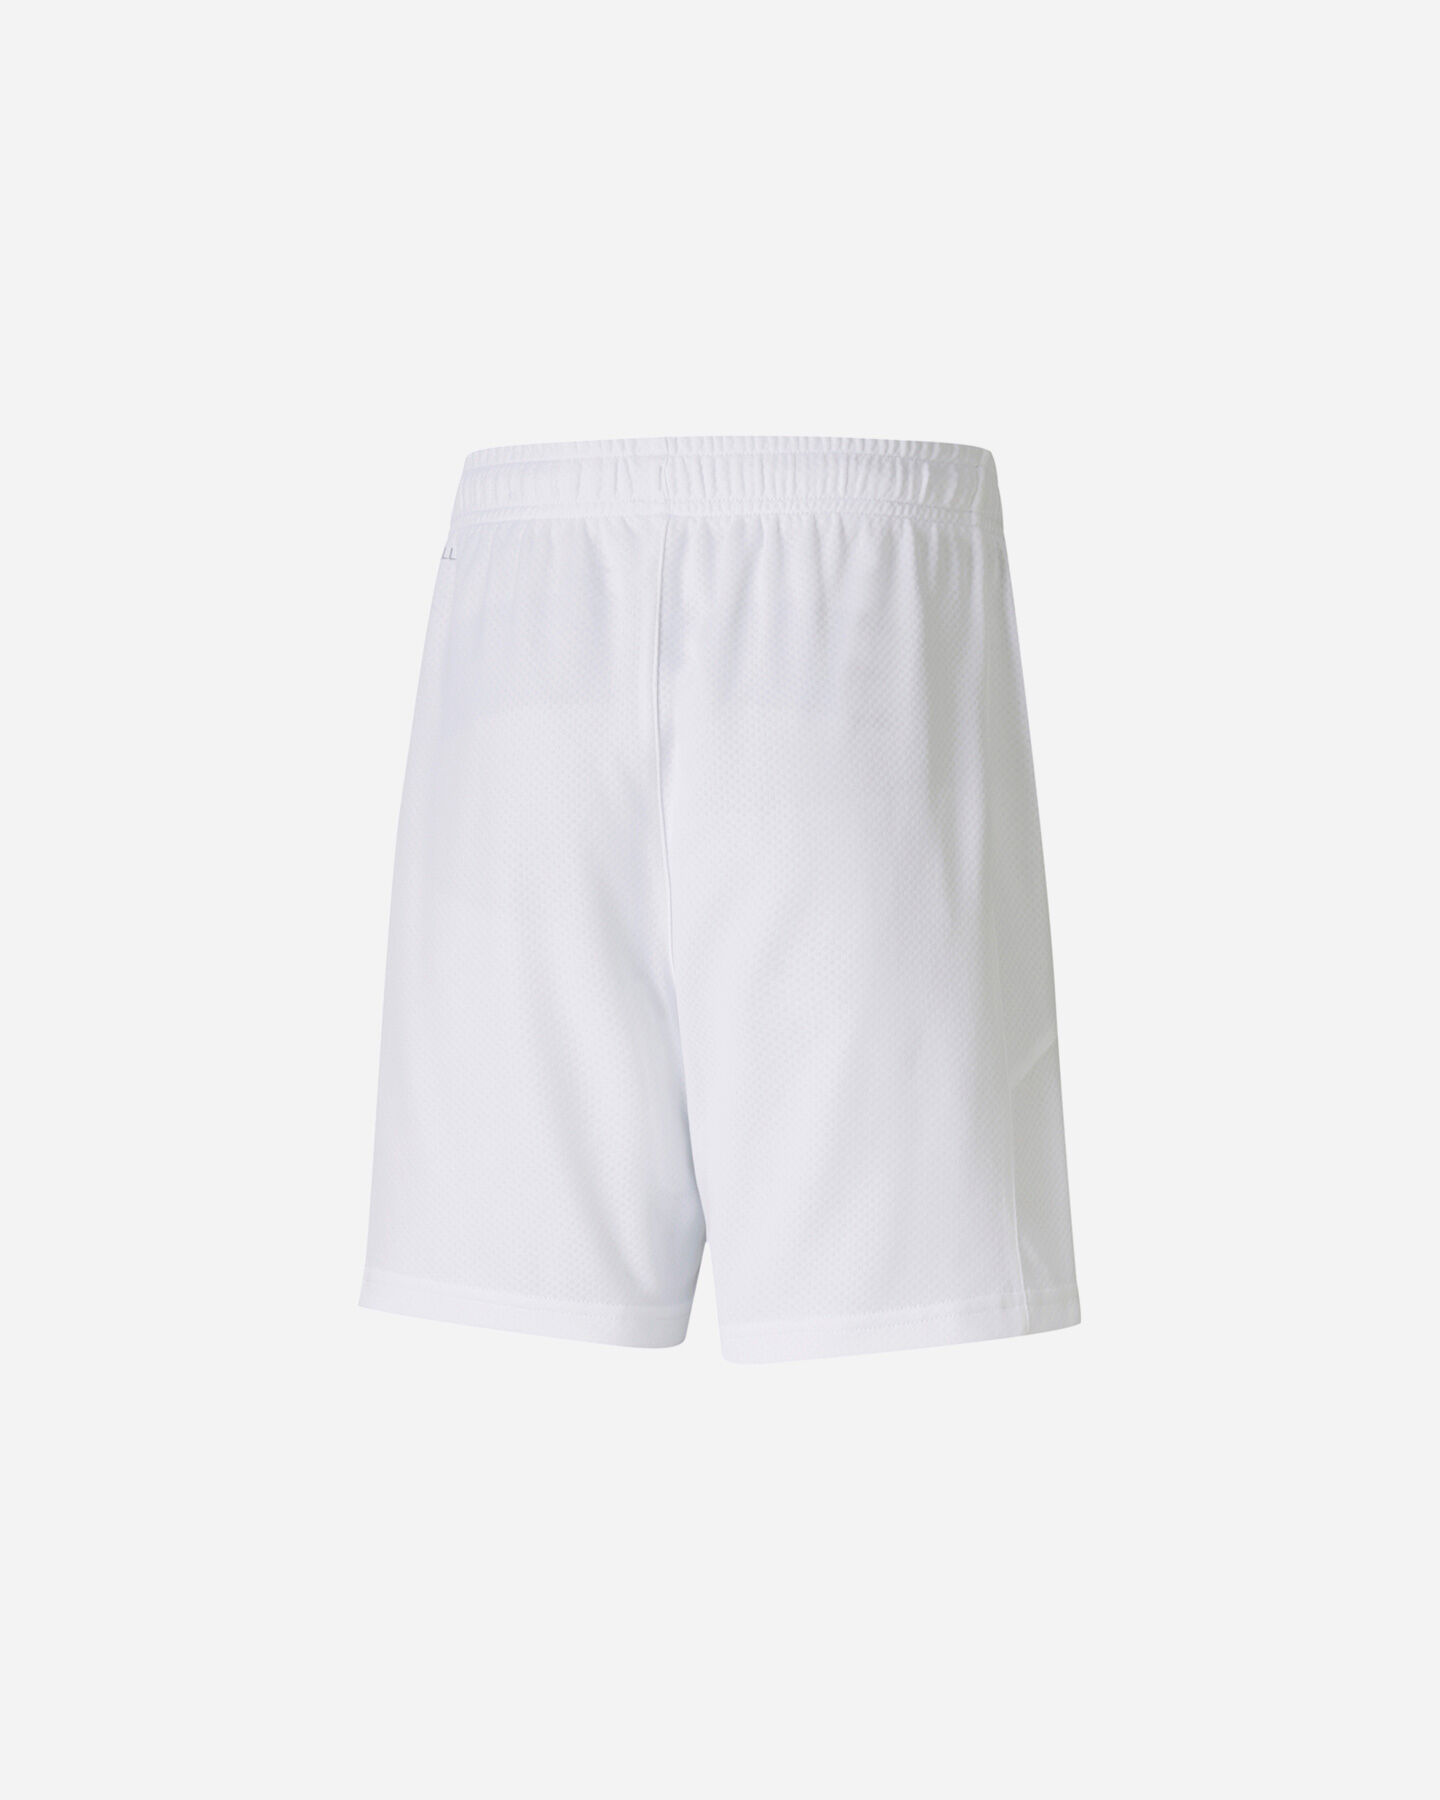 Pantaloncini calcio PUMA MILAN HOME 20-21 JR S5235797 scatto 1